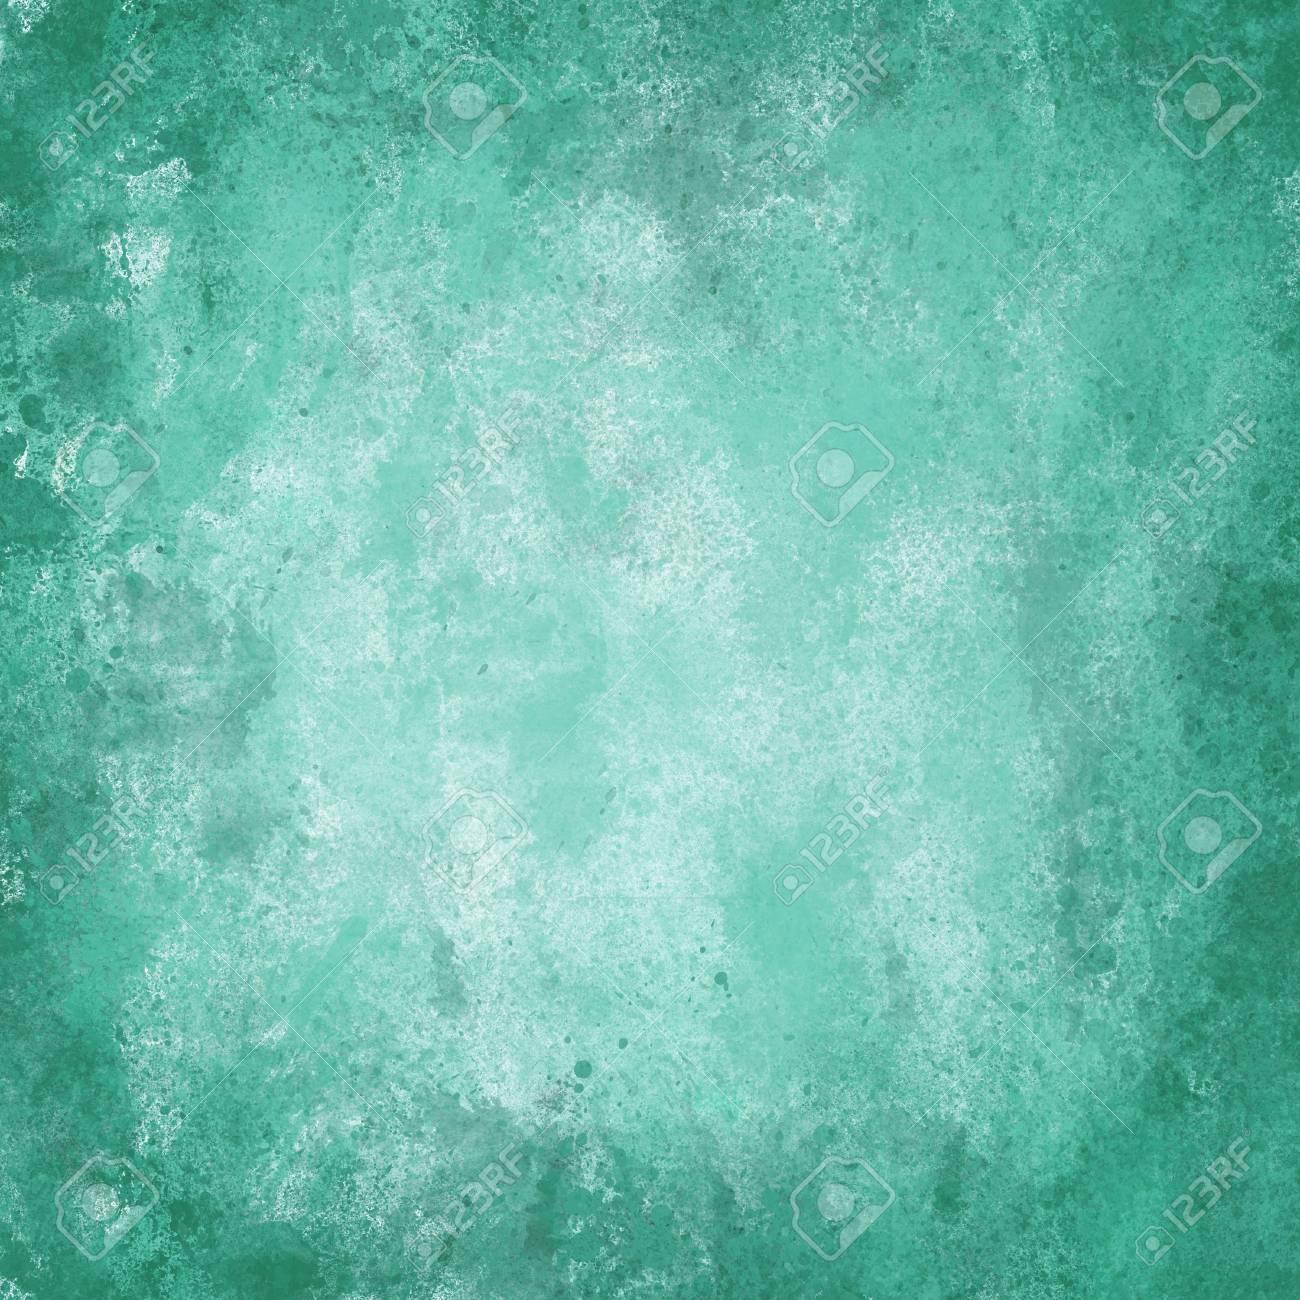 Abstract Blue Background Light Color Vintage Grunge Background